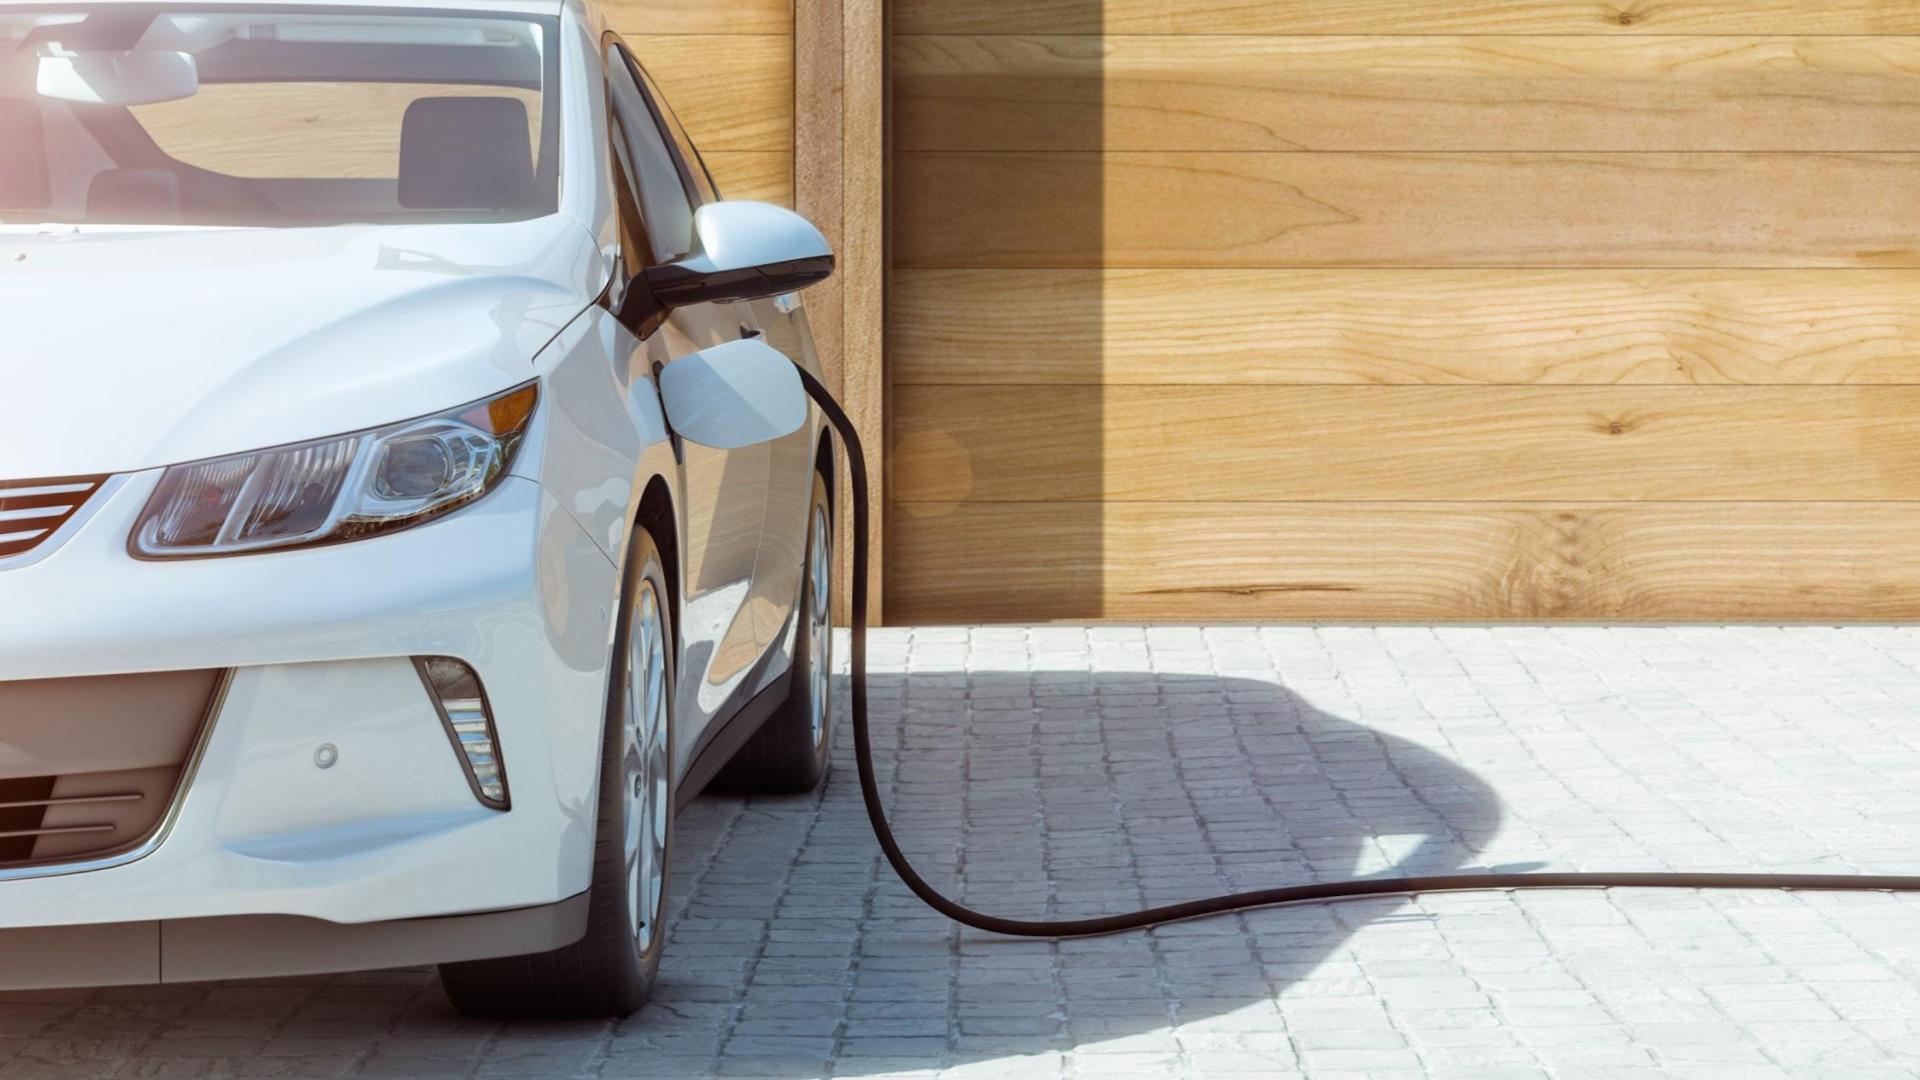 Installation d'une solution de recharge de voiture électrique (borne murale ou prise renforcée)